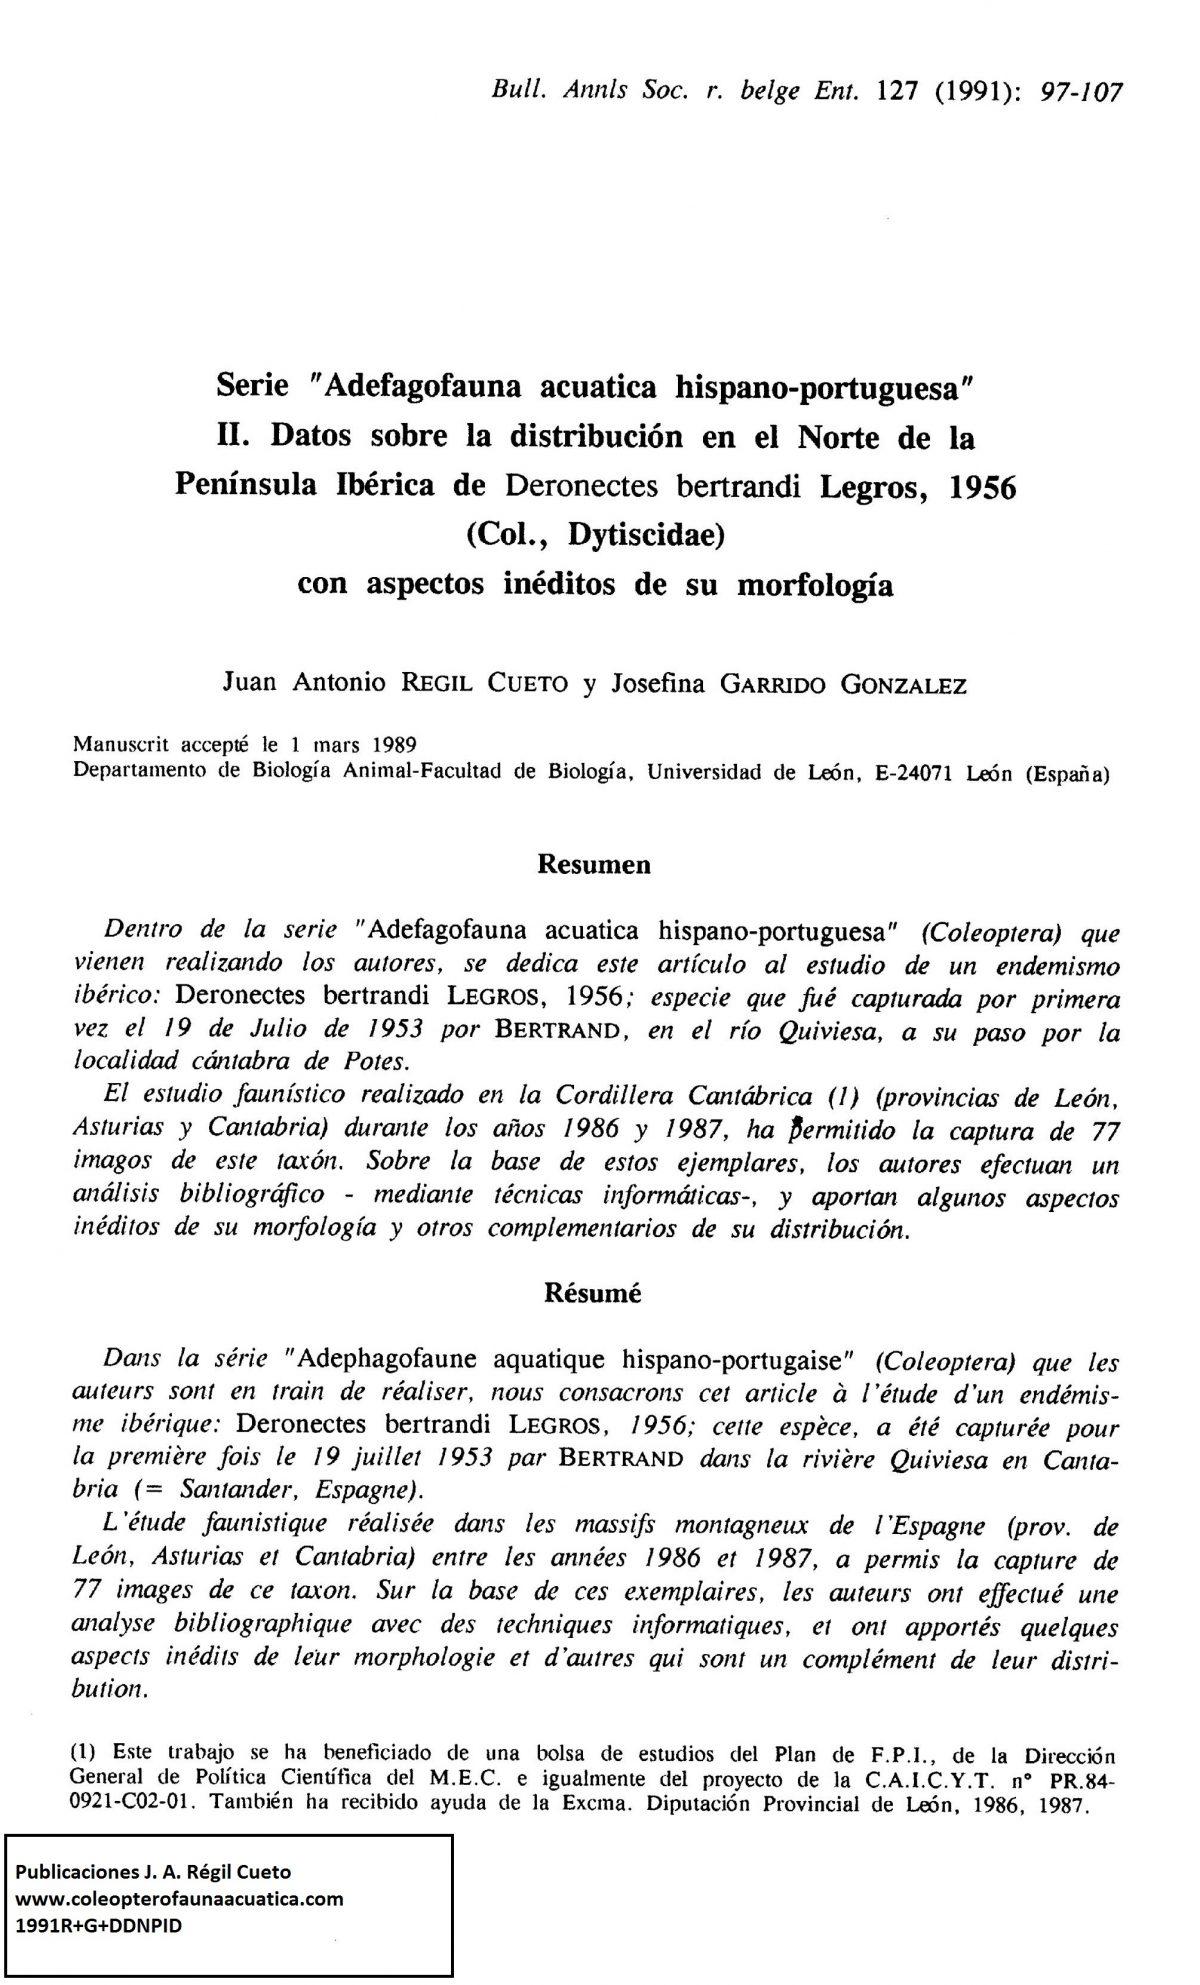 Referencia: [1991R+G+DDNPID]